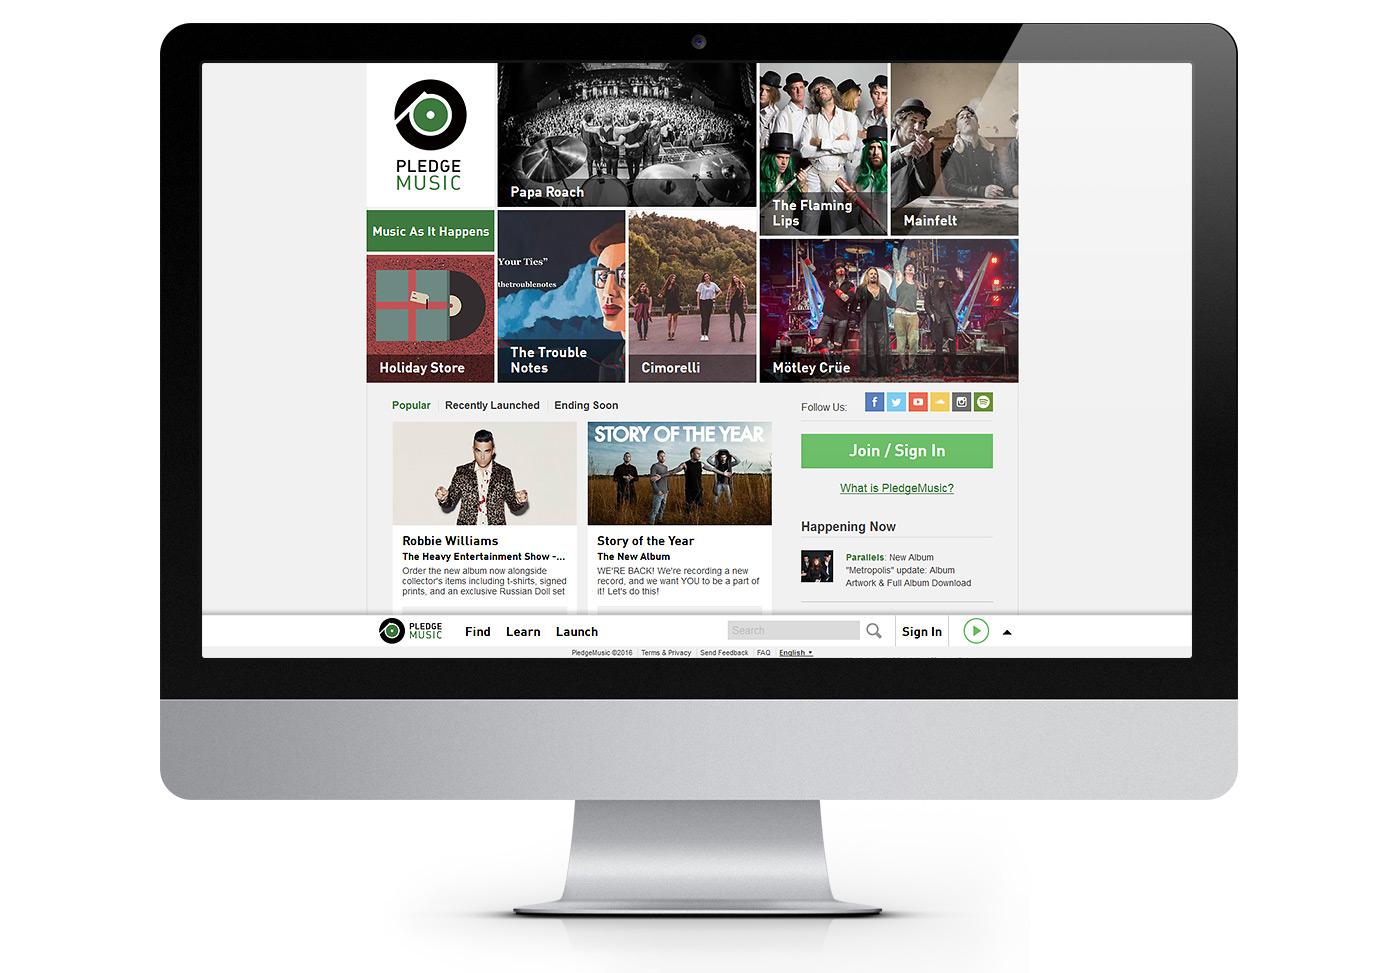 promote music with pledgemusic